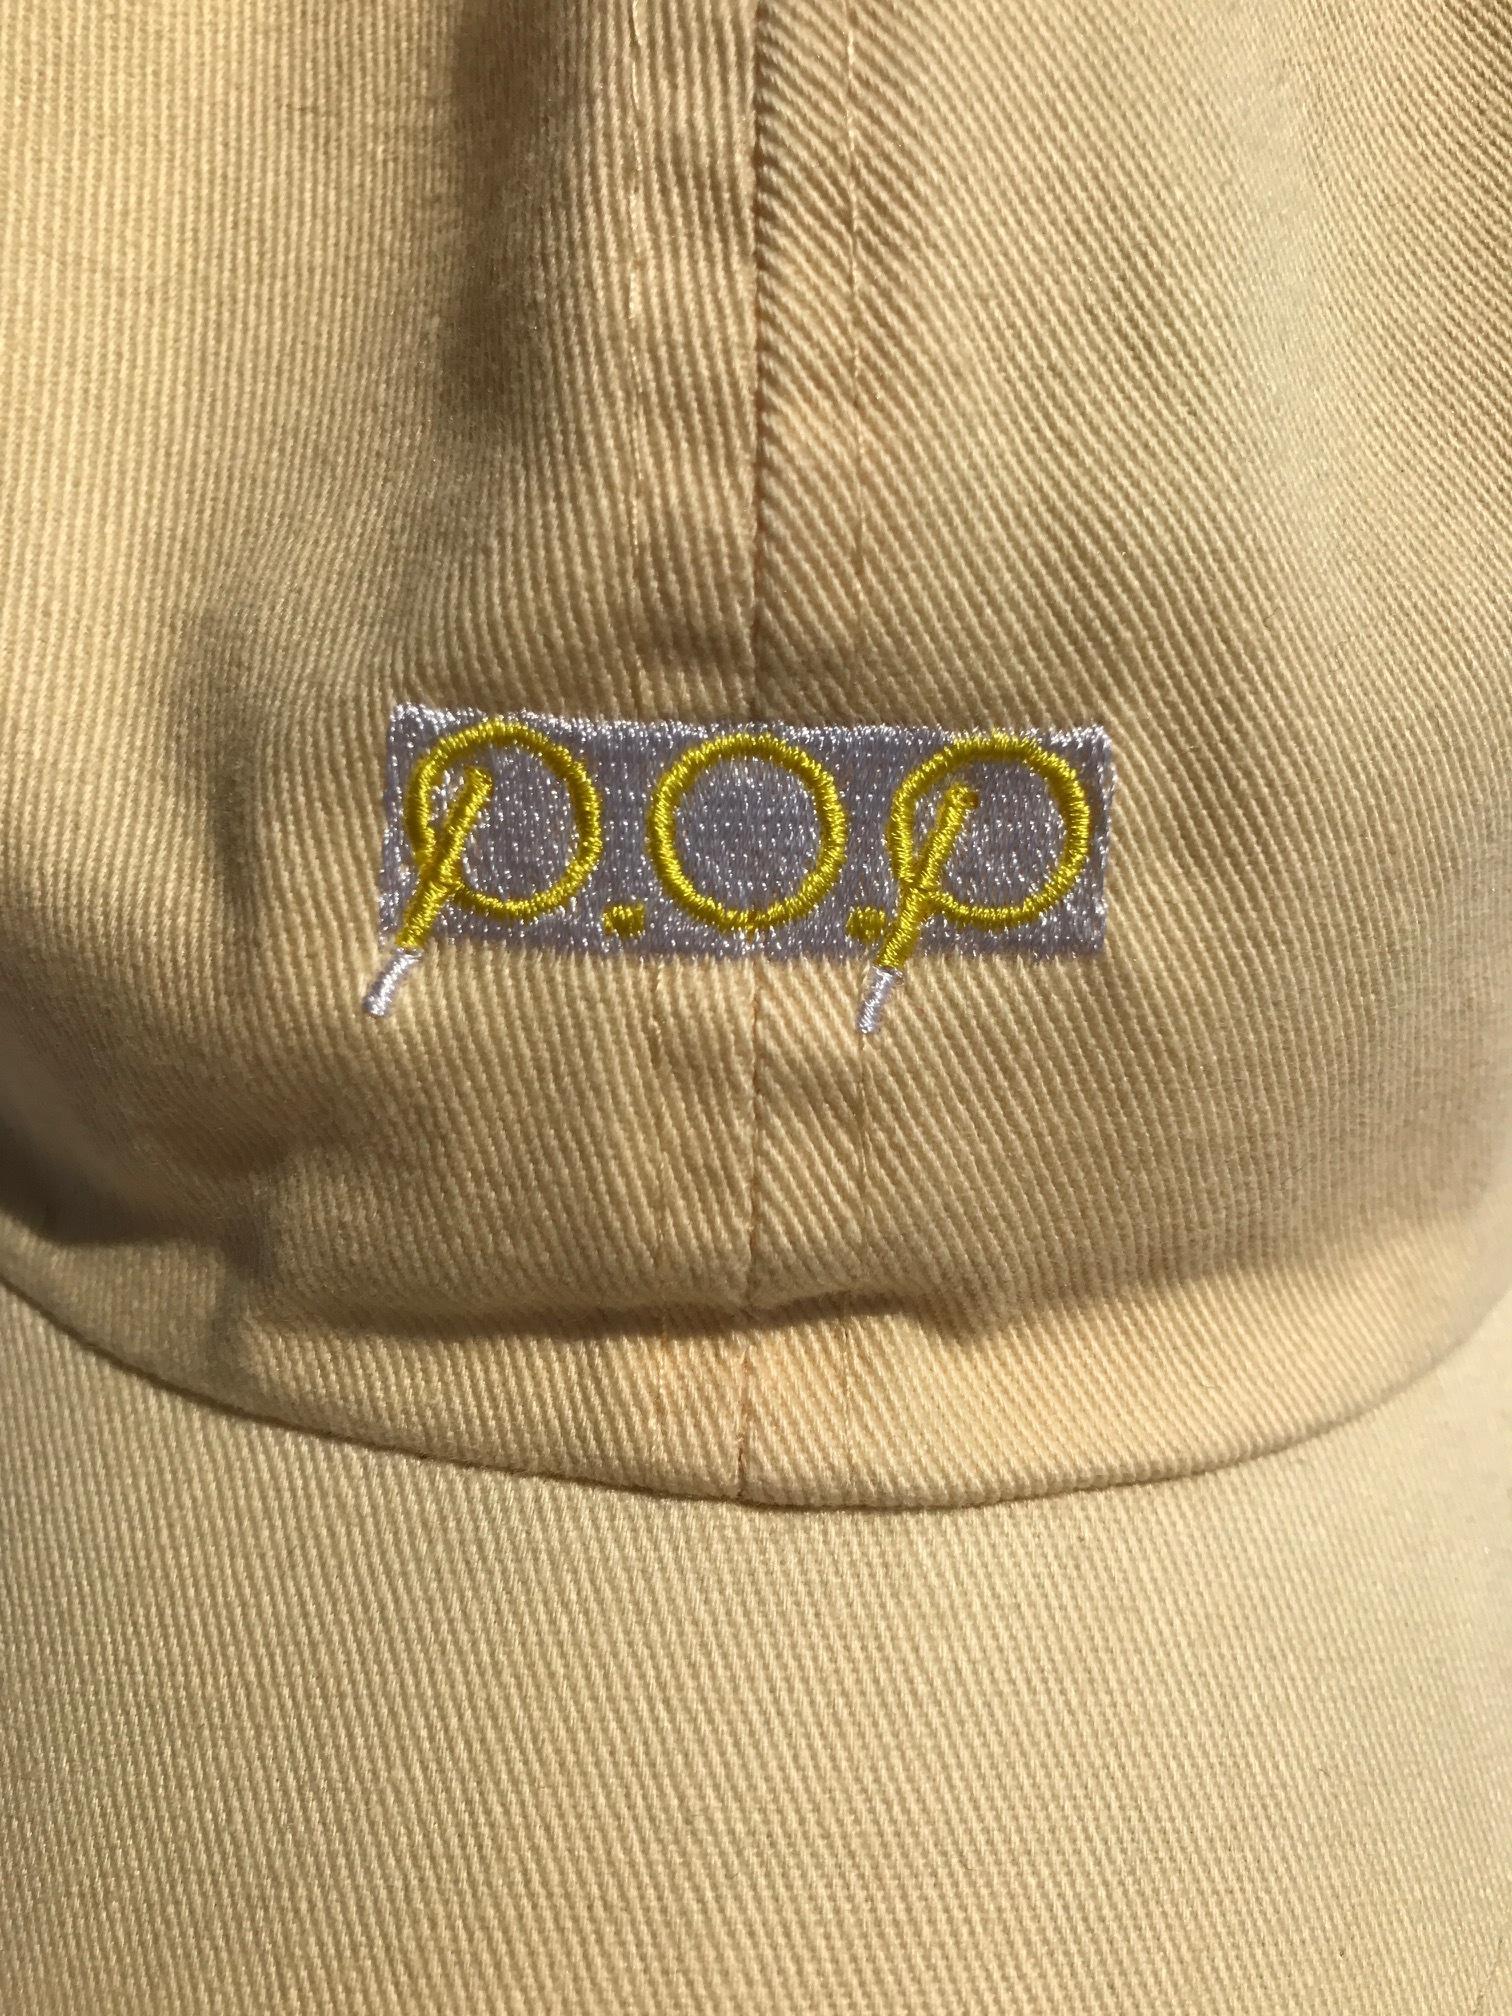 P.O.P CAP ライトイエロー - 画像1